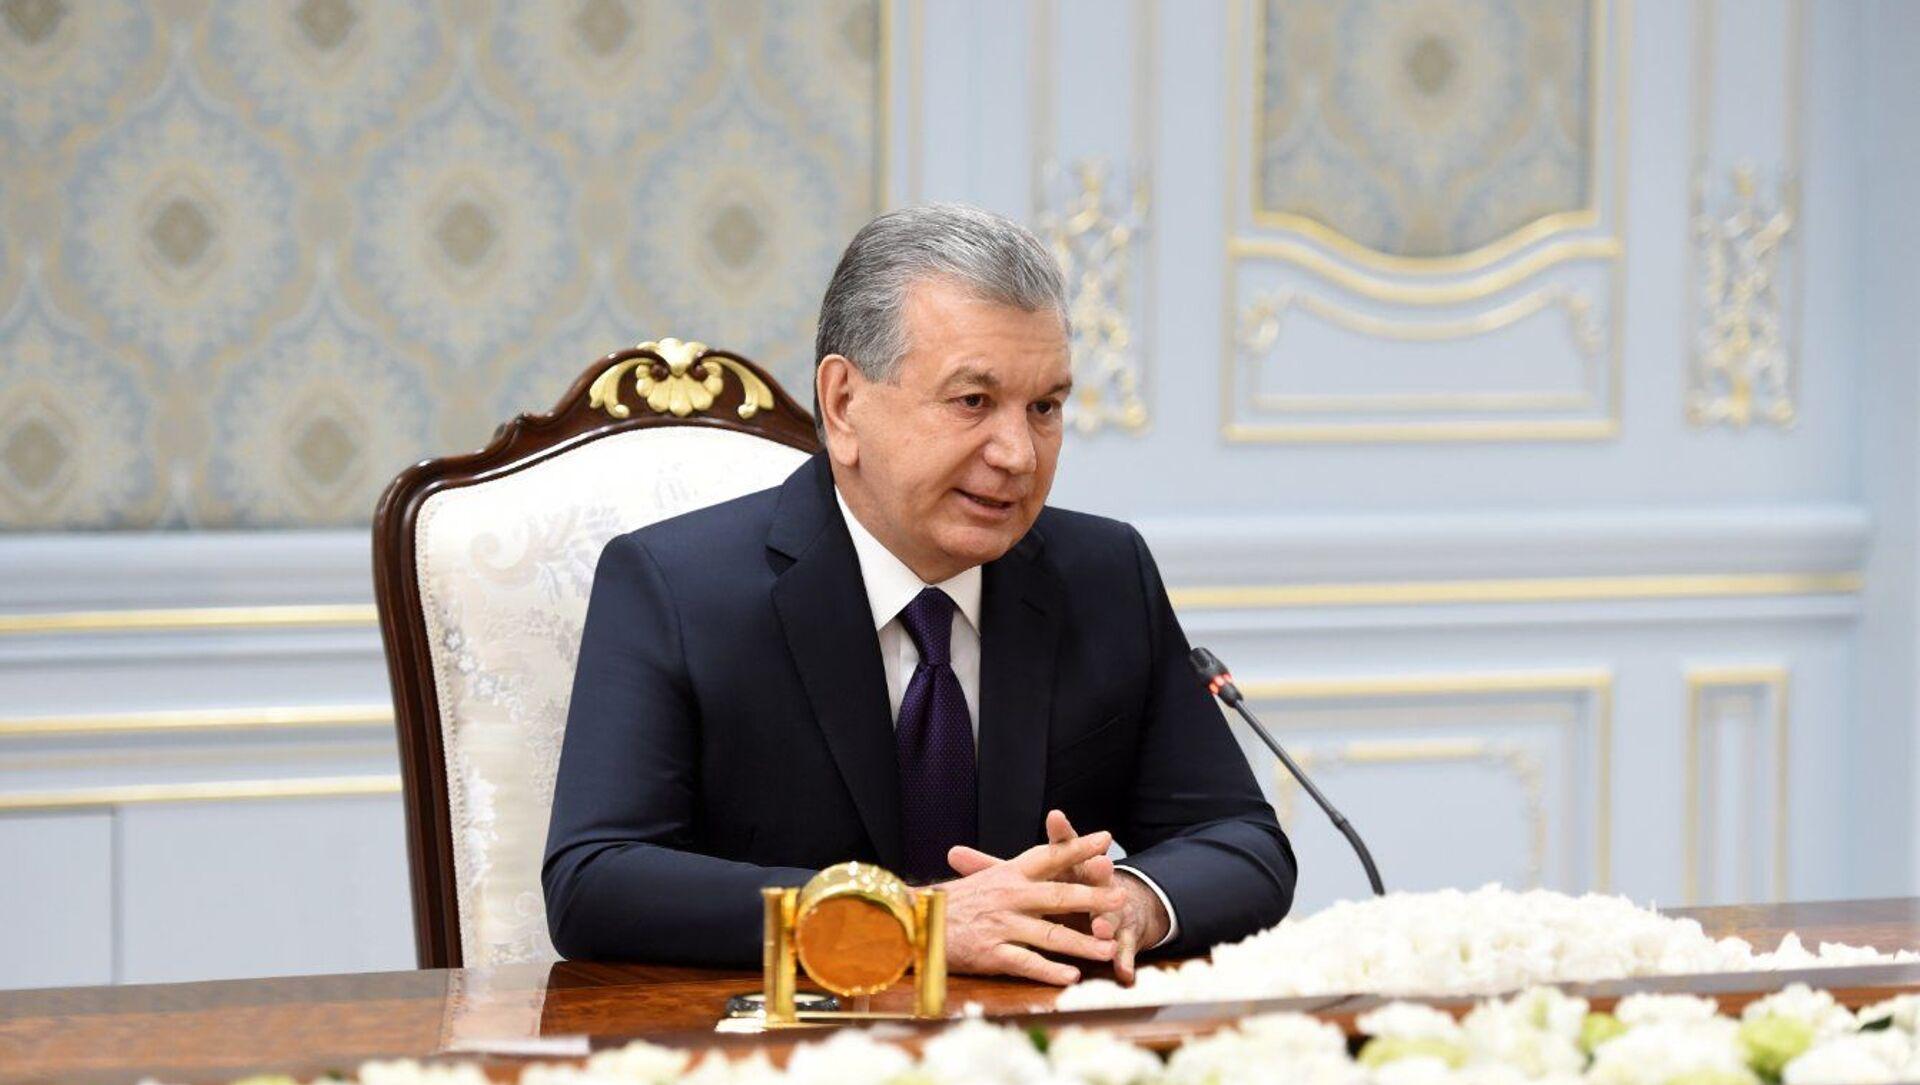 Özbekistan Cumhurbaşkanı Şevket Mirziyoyev - Sputnik Türkiye, 1920, 29.07.2021